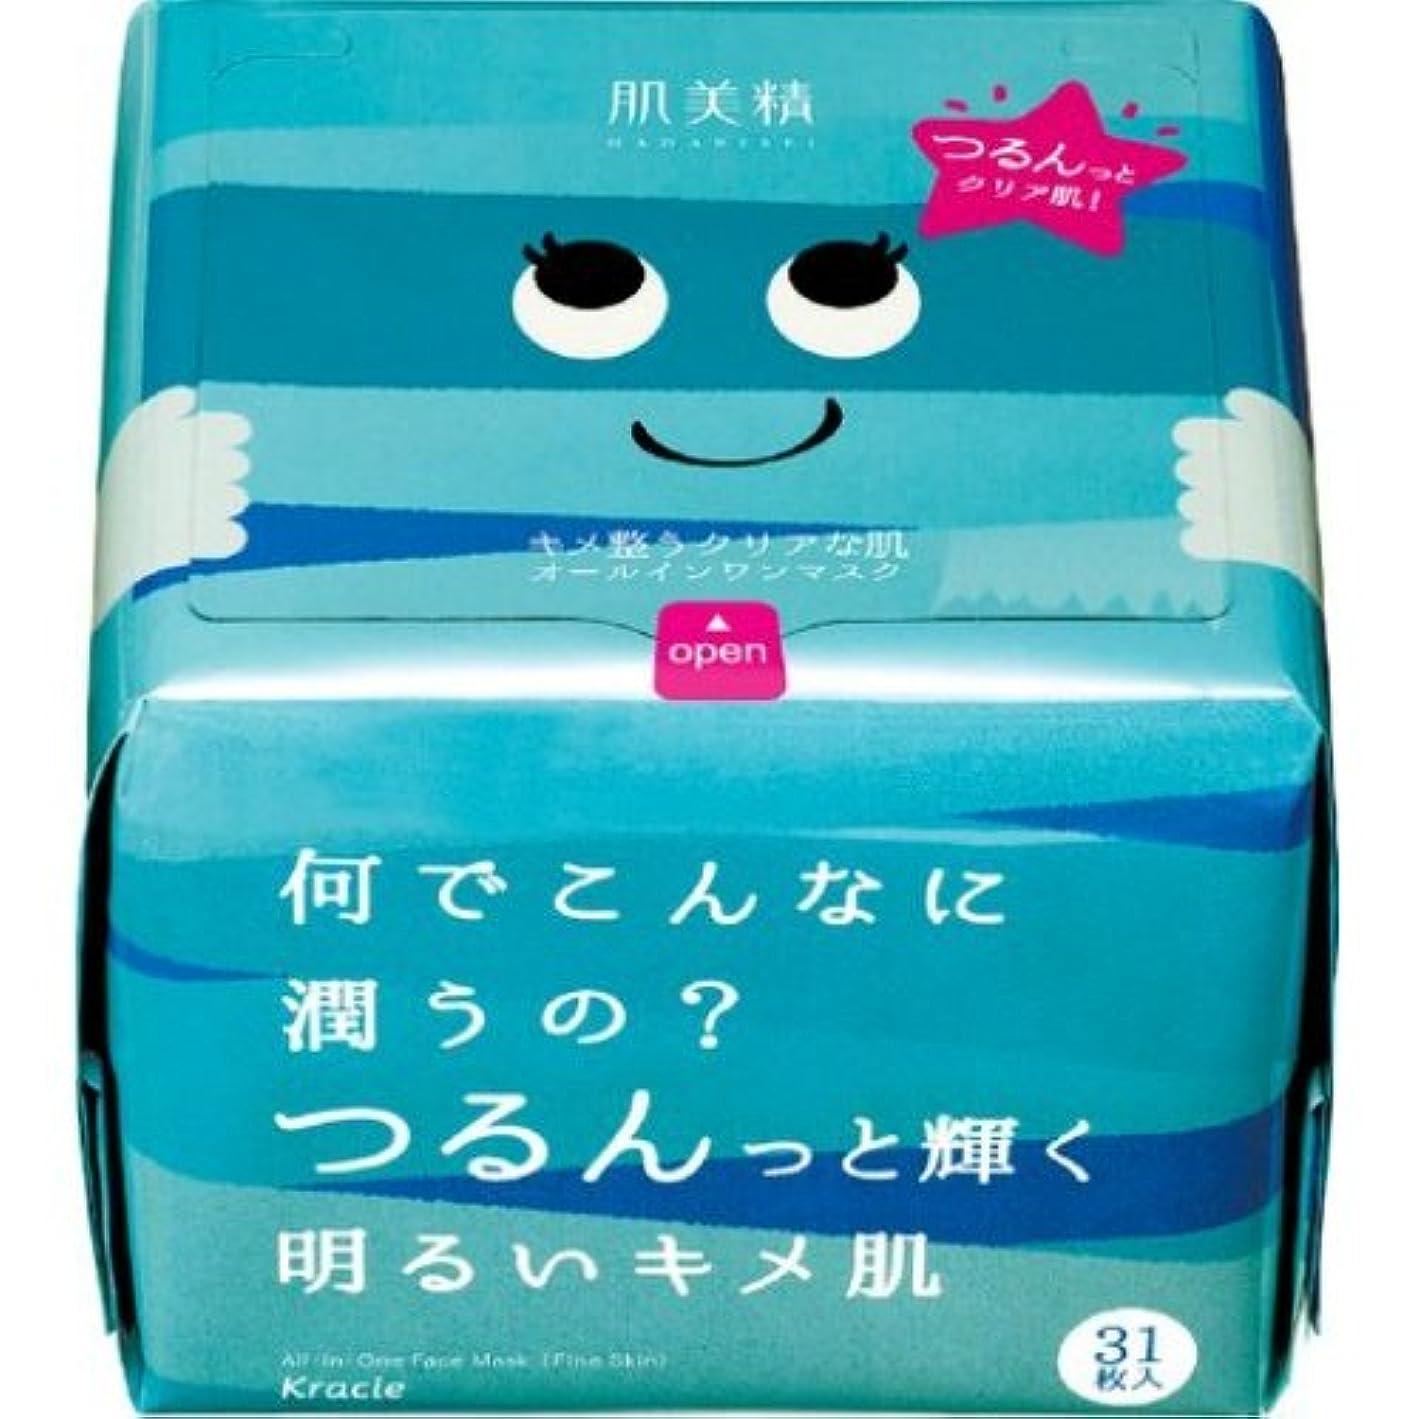 抽選観察する謝罪する肌美精 デイリーモイスチュアマスク(キメ透明感) × 5個セット